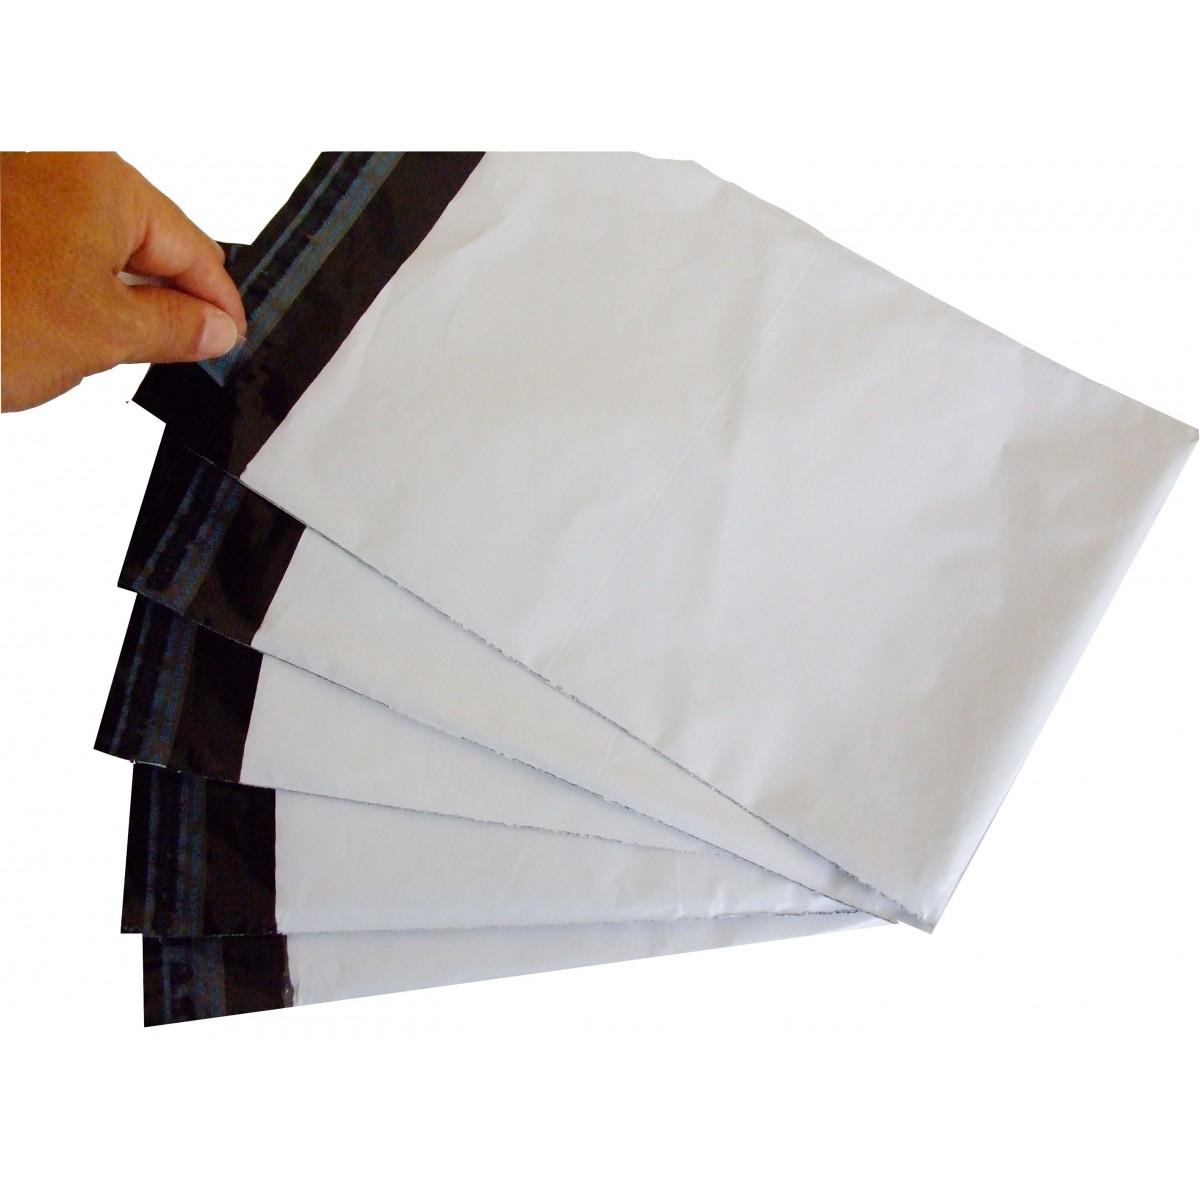 Envelope de Segurança Liso Branco L:15 X C:24 + 5 (Aba) cm